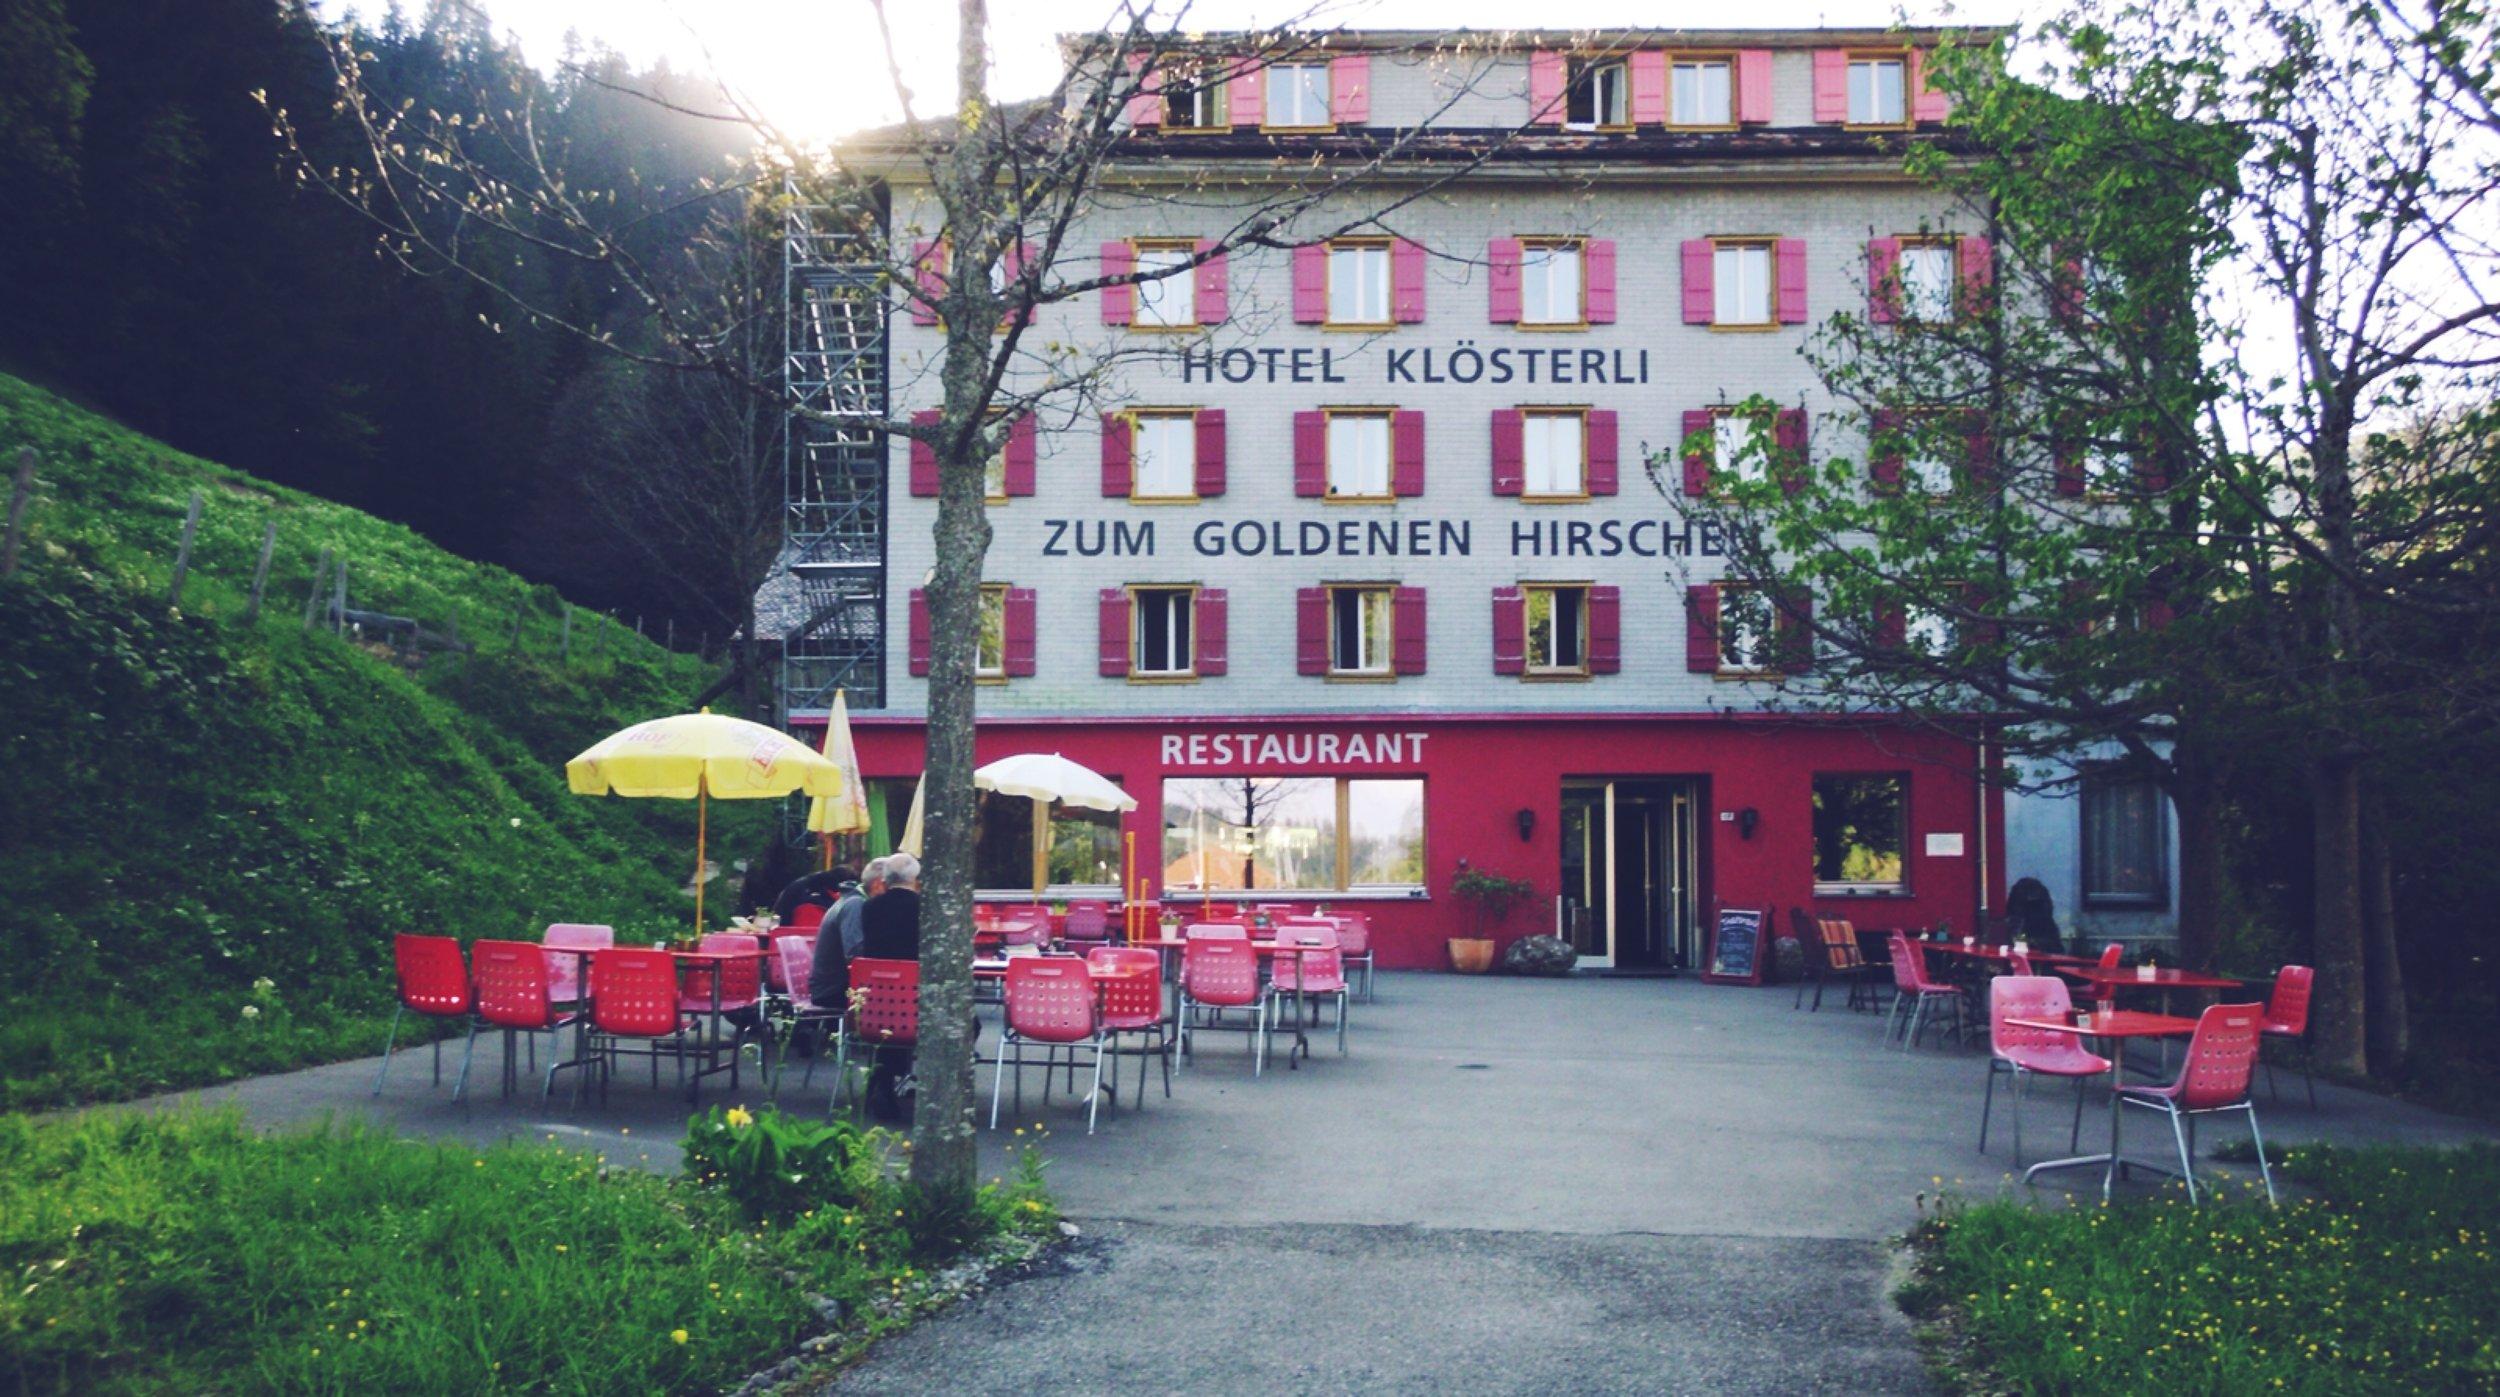 Hotel & restaurant in Switzerland.